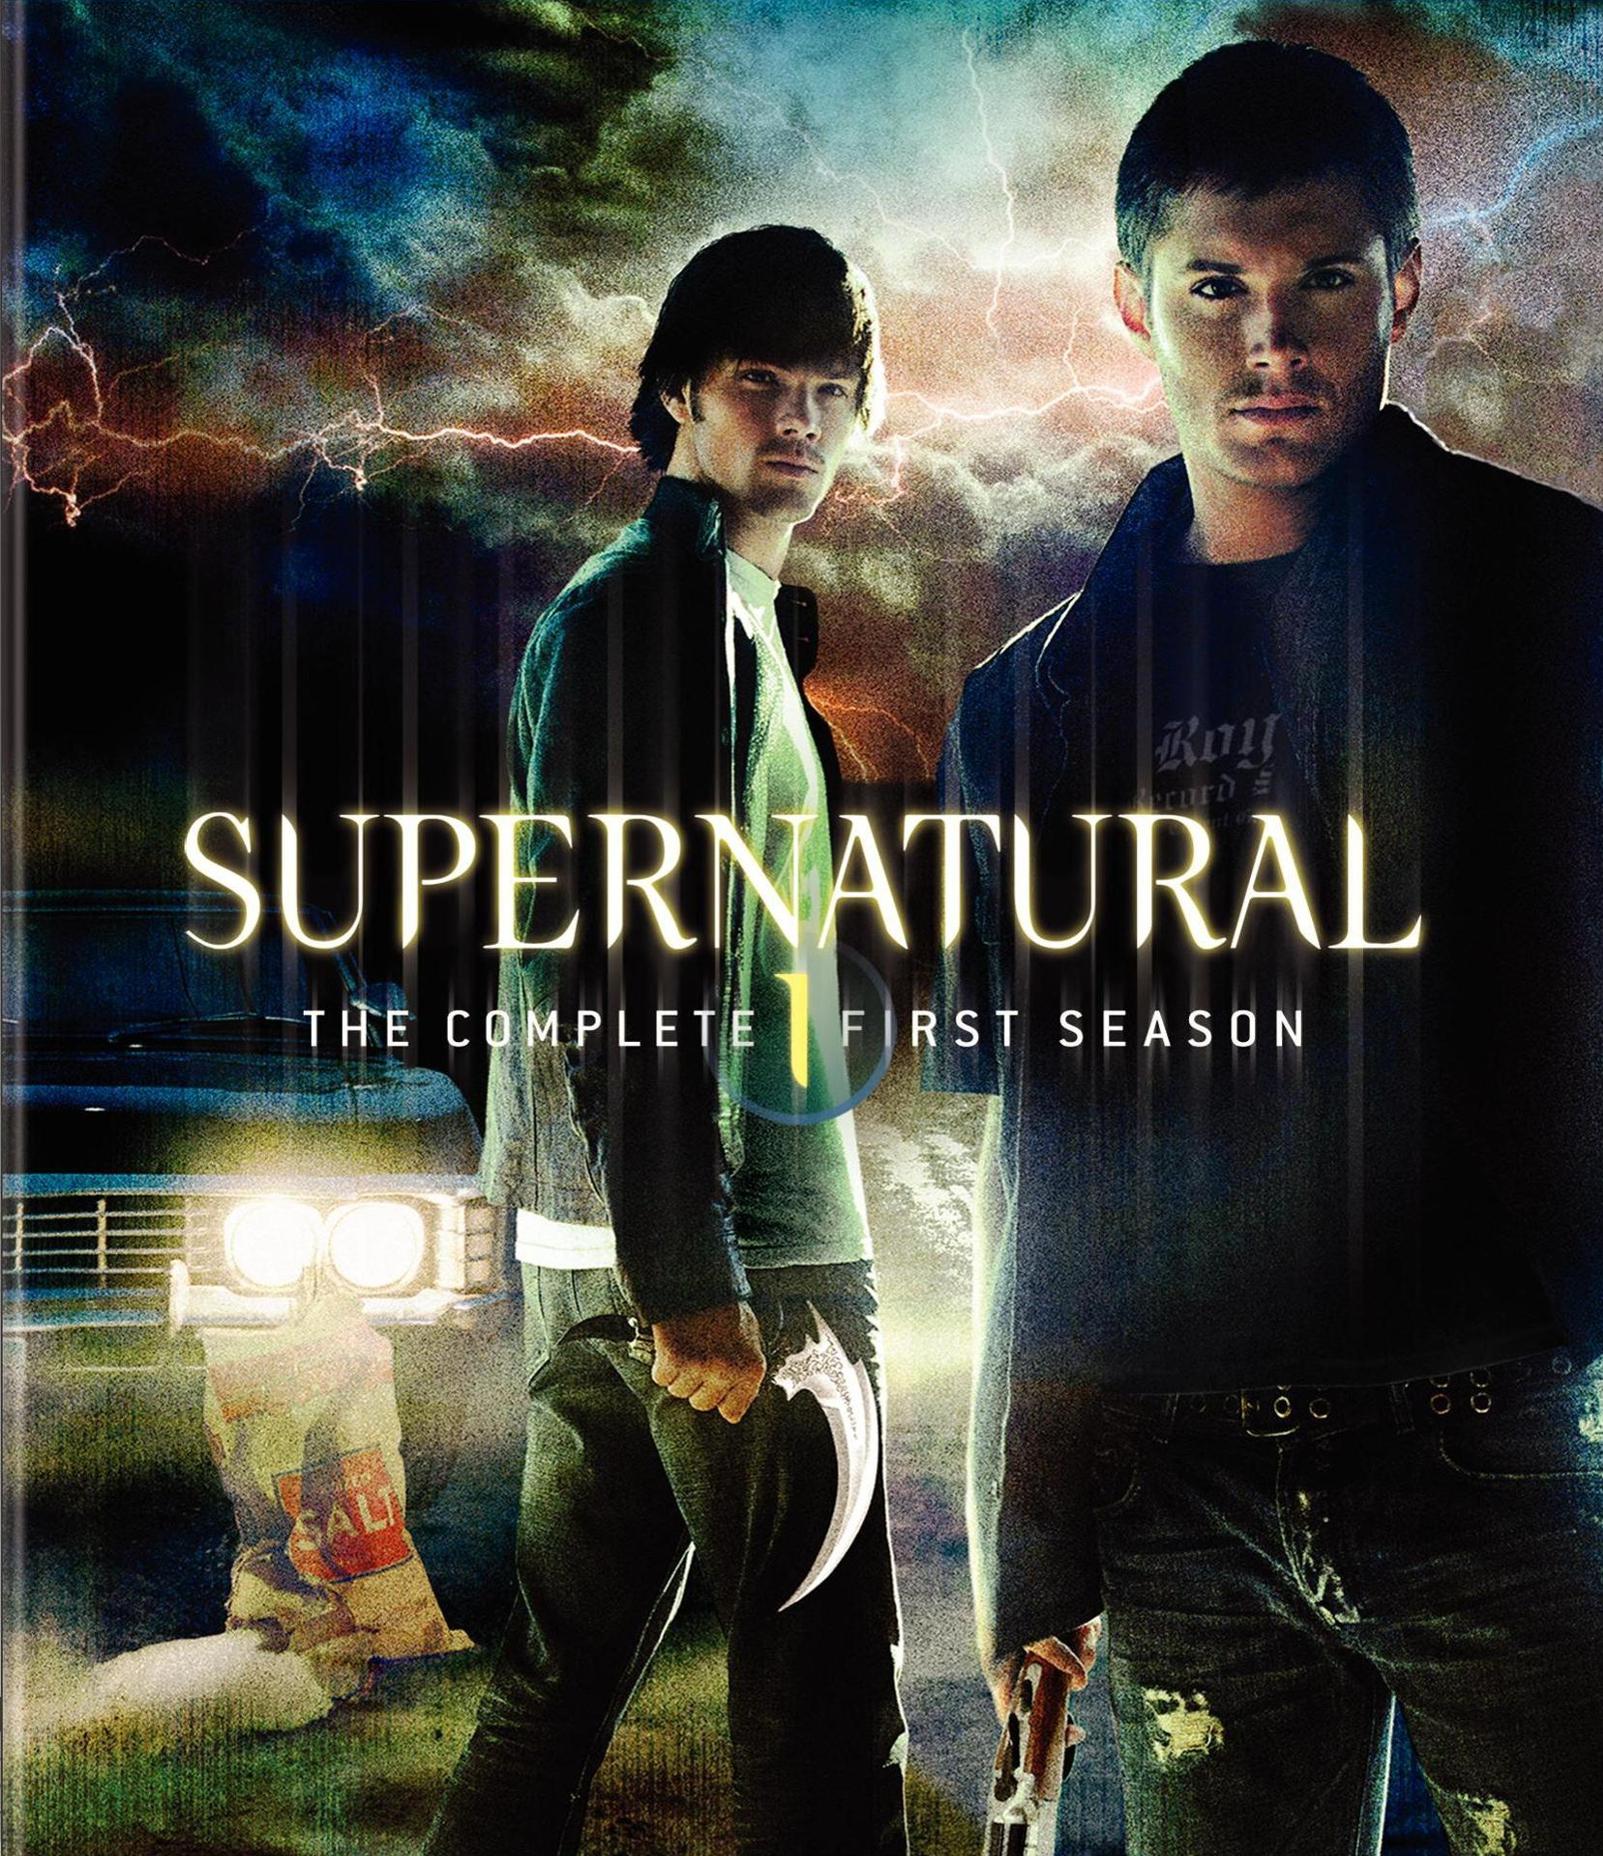 supernatural season 1 of tv series download in hd 720p